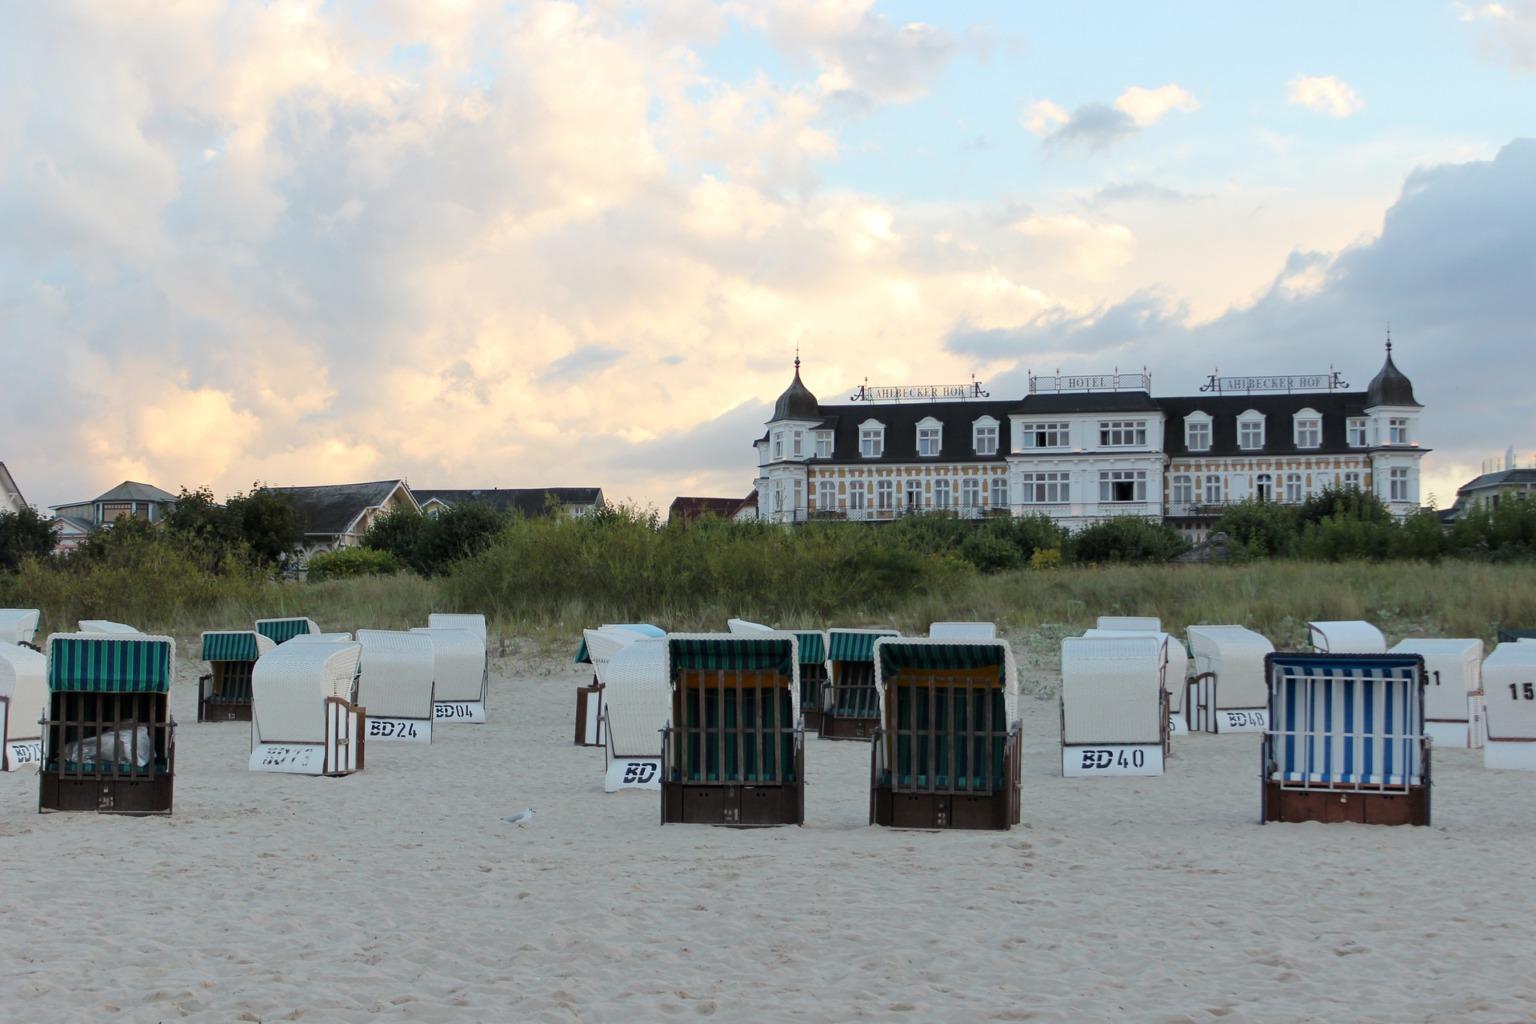 Urlaub in Ostdeutschland geht nicht ohne die Insel Usedom